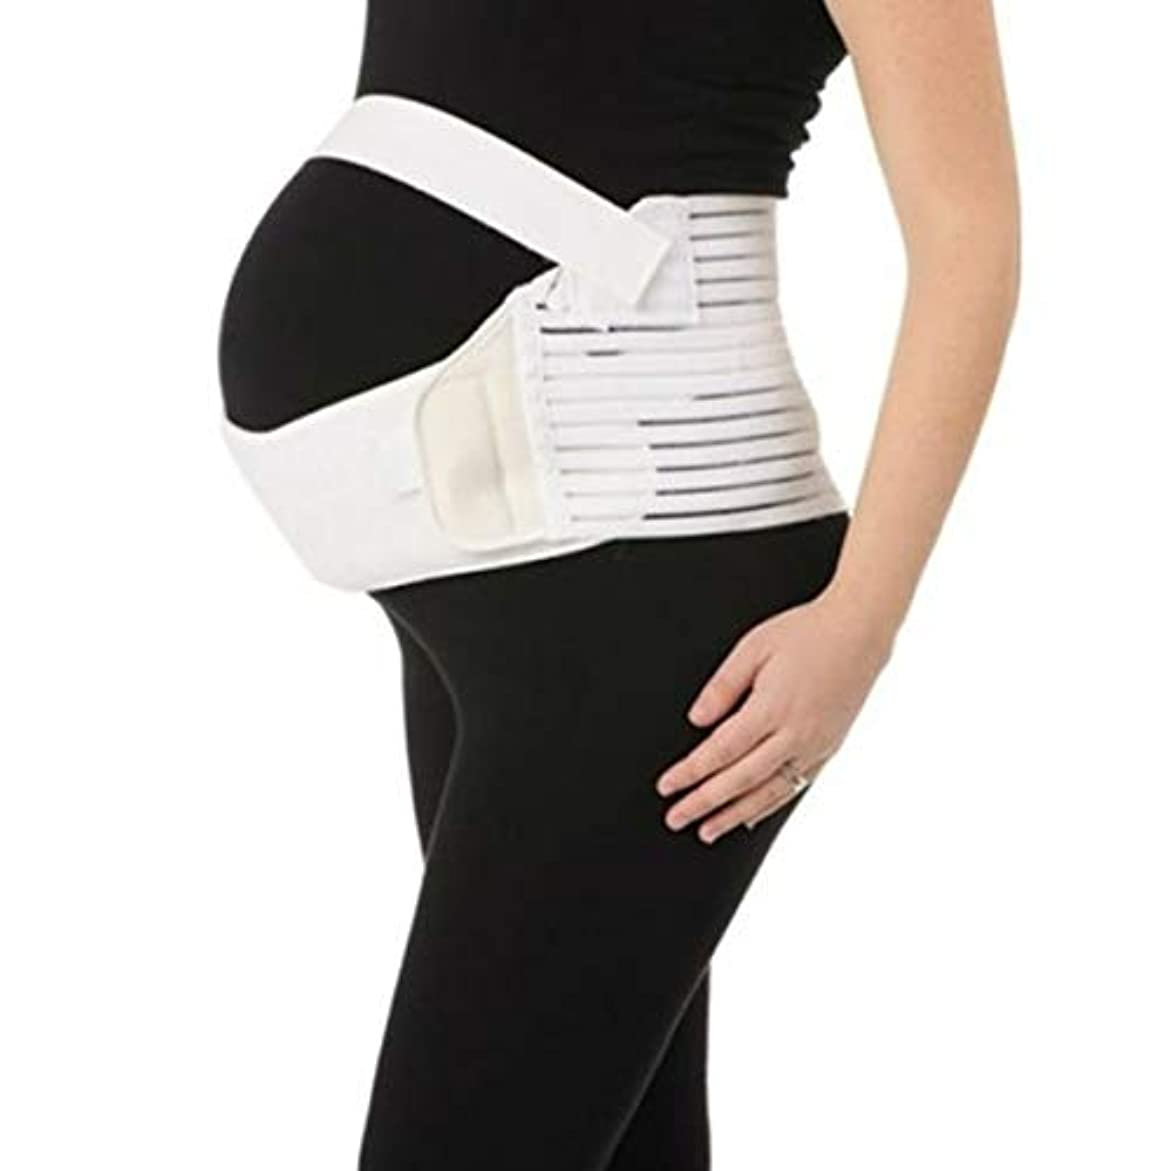 支店ペンダント取り戻す通気性産科ベルト妊娠腹部サポート腹部バインダーガードル運動包帯産後の回復形状ウェア - ホワイトM